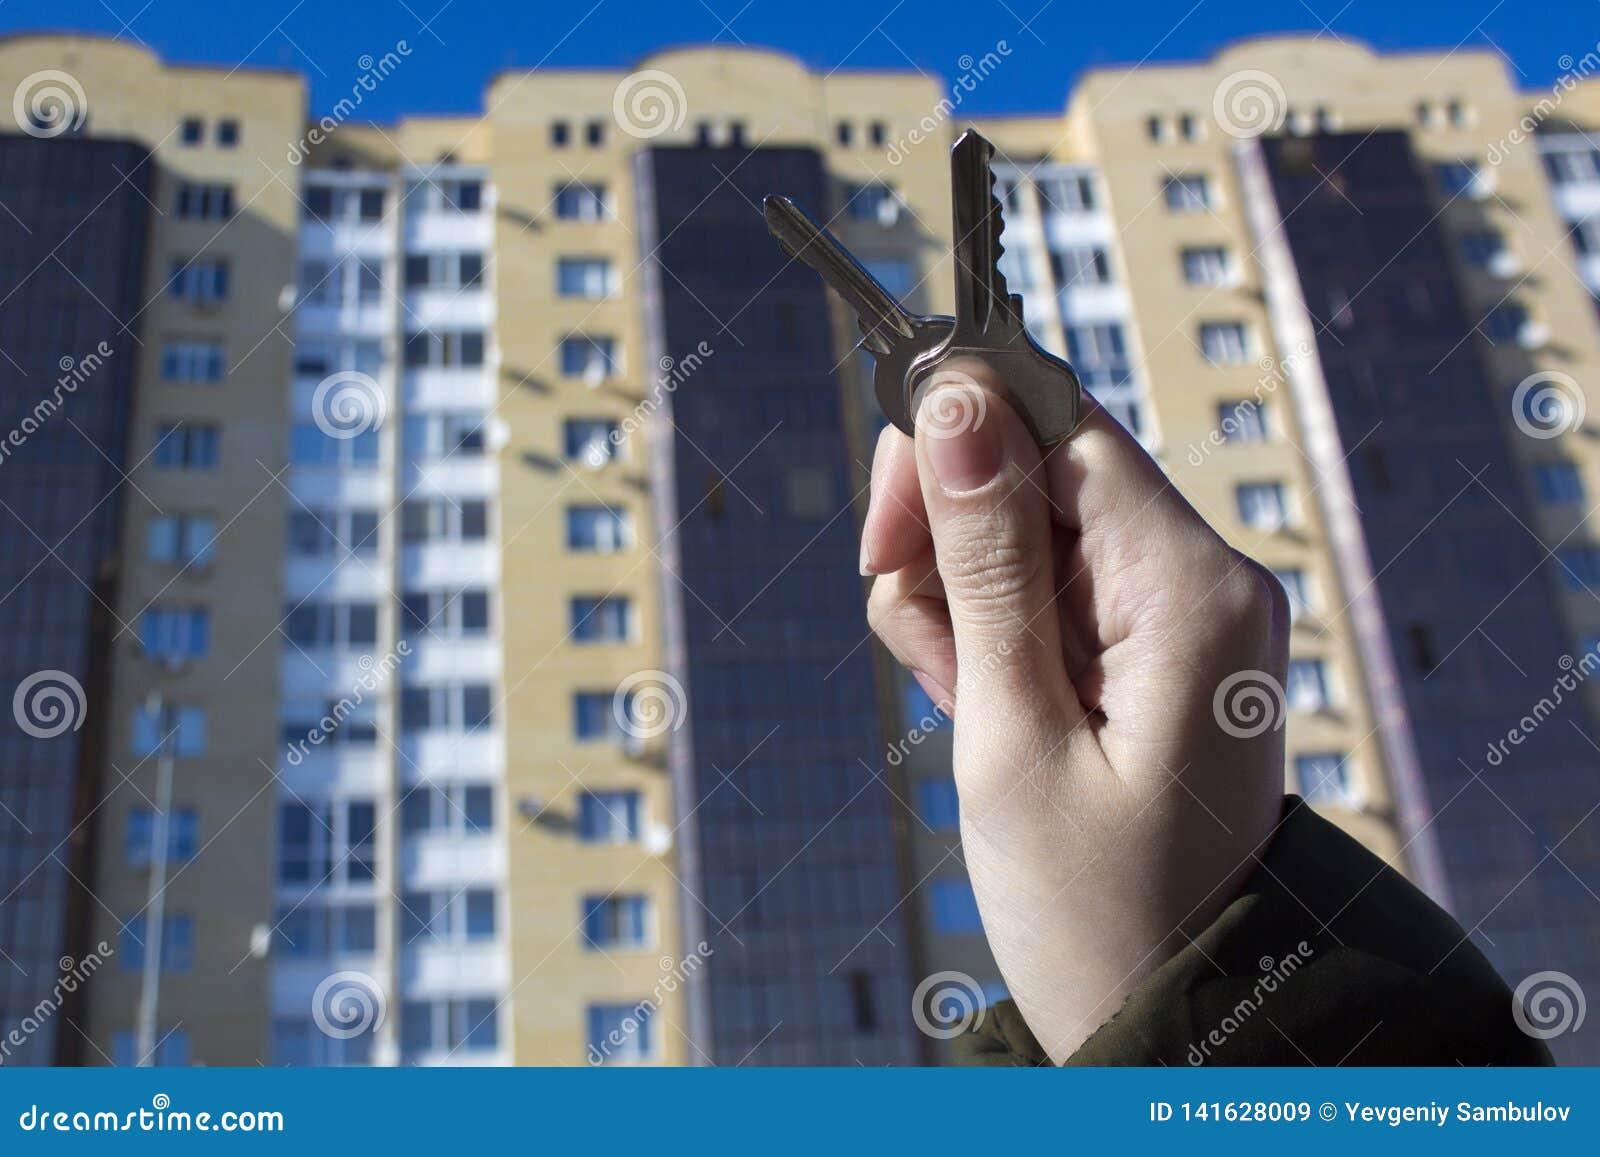 Δάνεια ή πίστωση τράπεζας για να αγοράσει ένα καινούργιο σπίτι Φτάστε τα κλειδιά στην κατοικία Αντιπροσωπείες και realtors ακίνητ